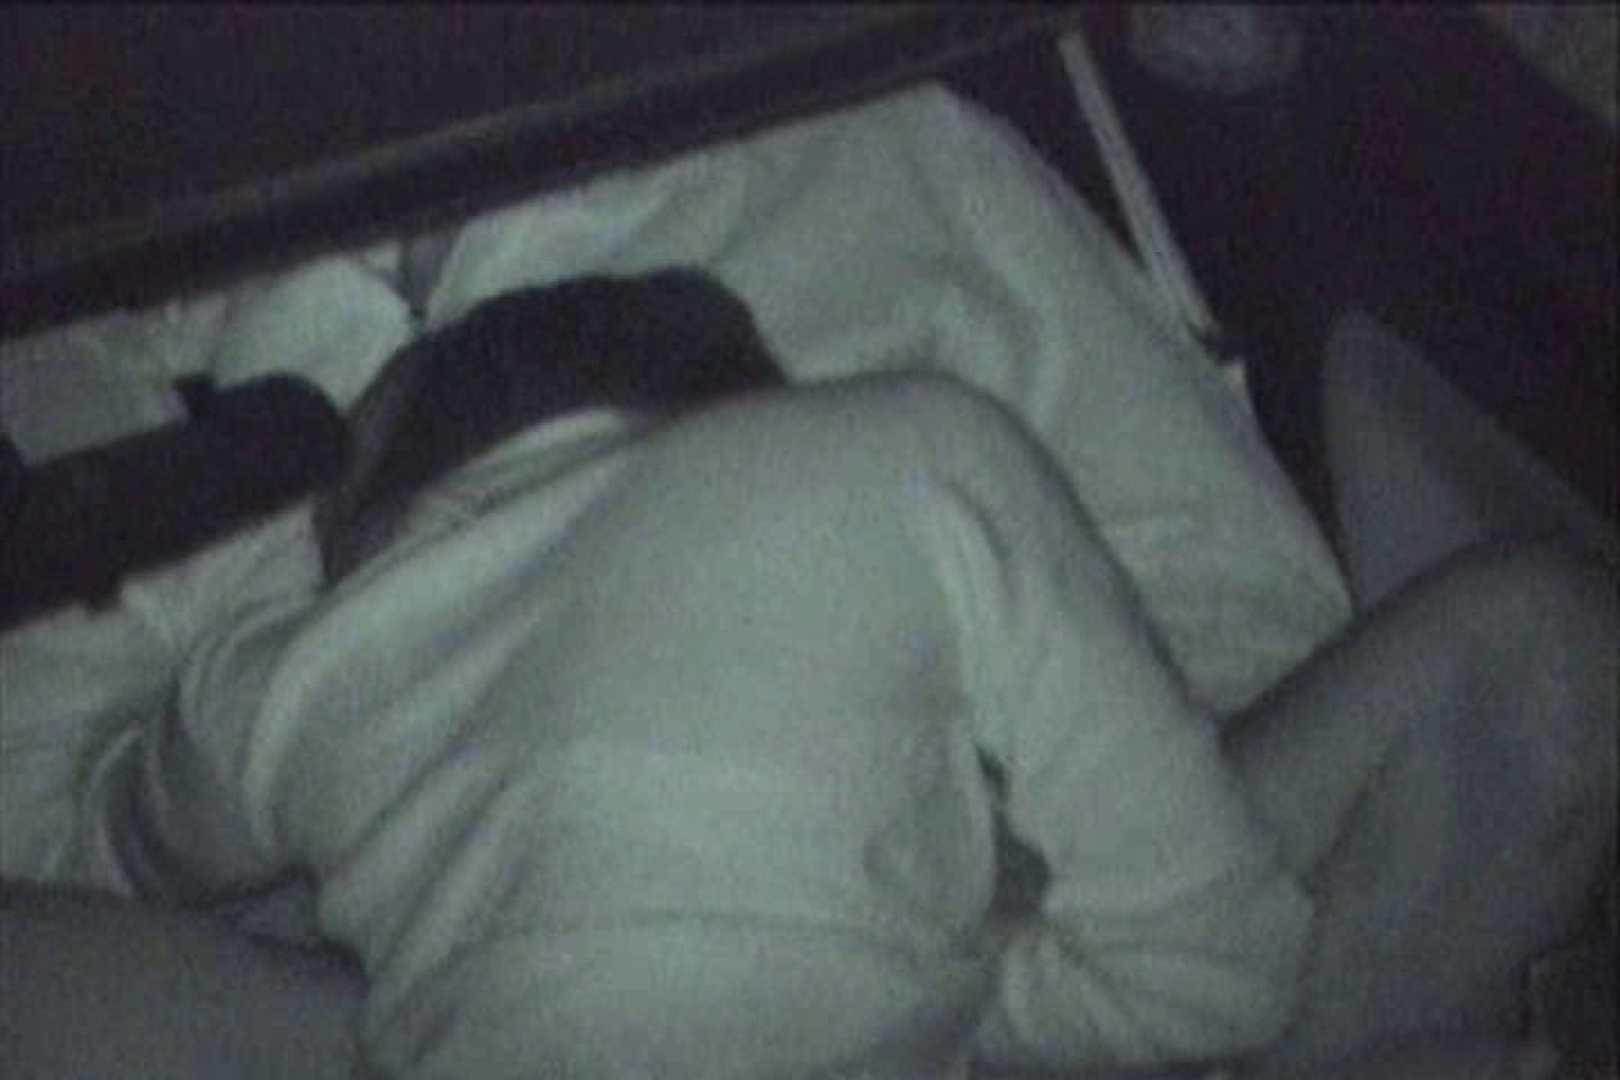 車の中はラブホテル 無修正版  Vol.21 赤外線 エロ無料画像 83pic 19